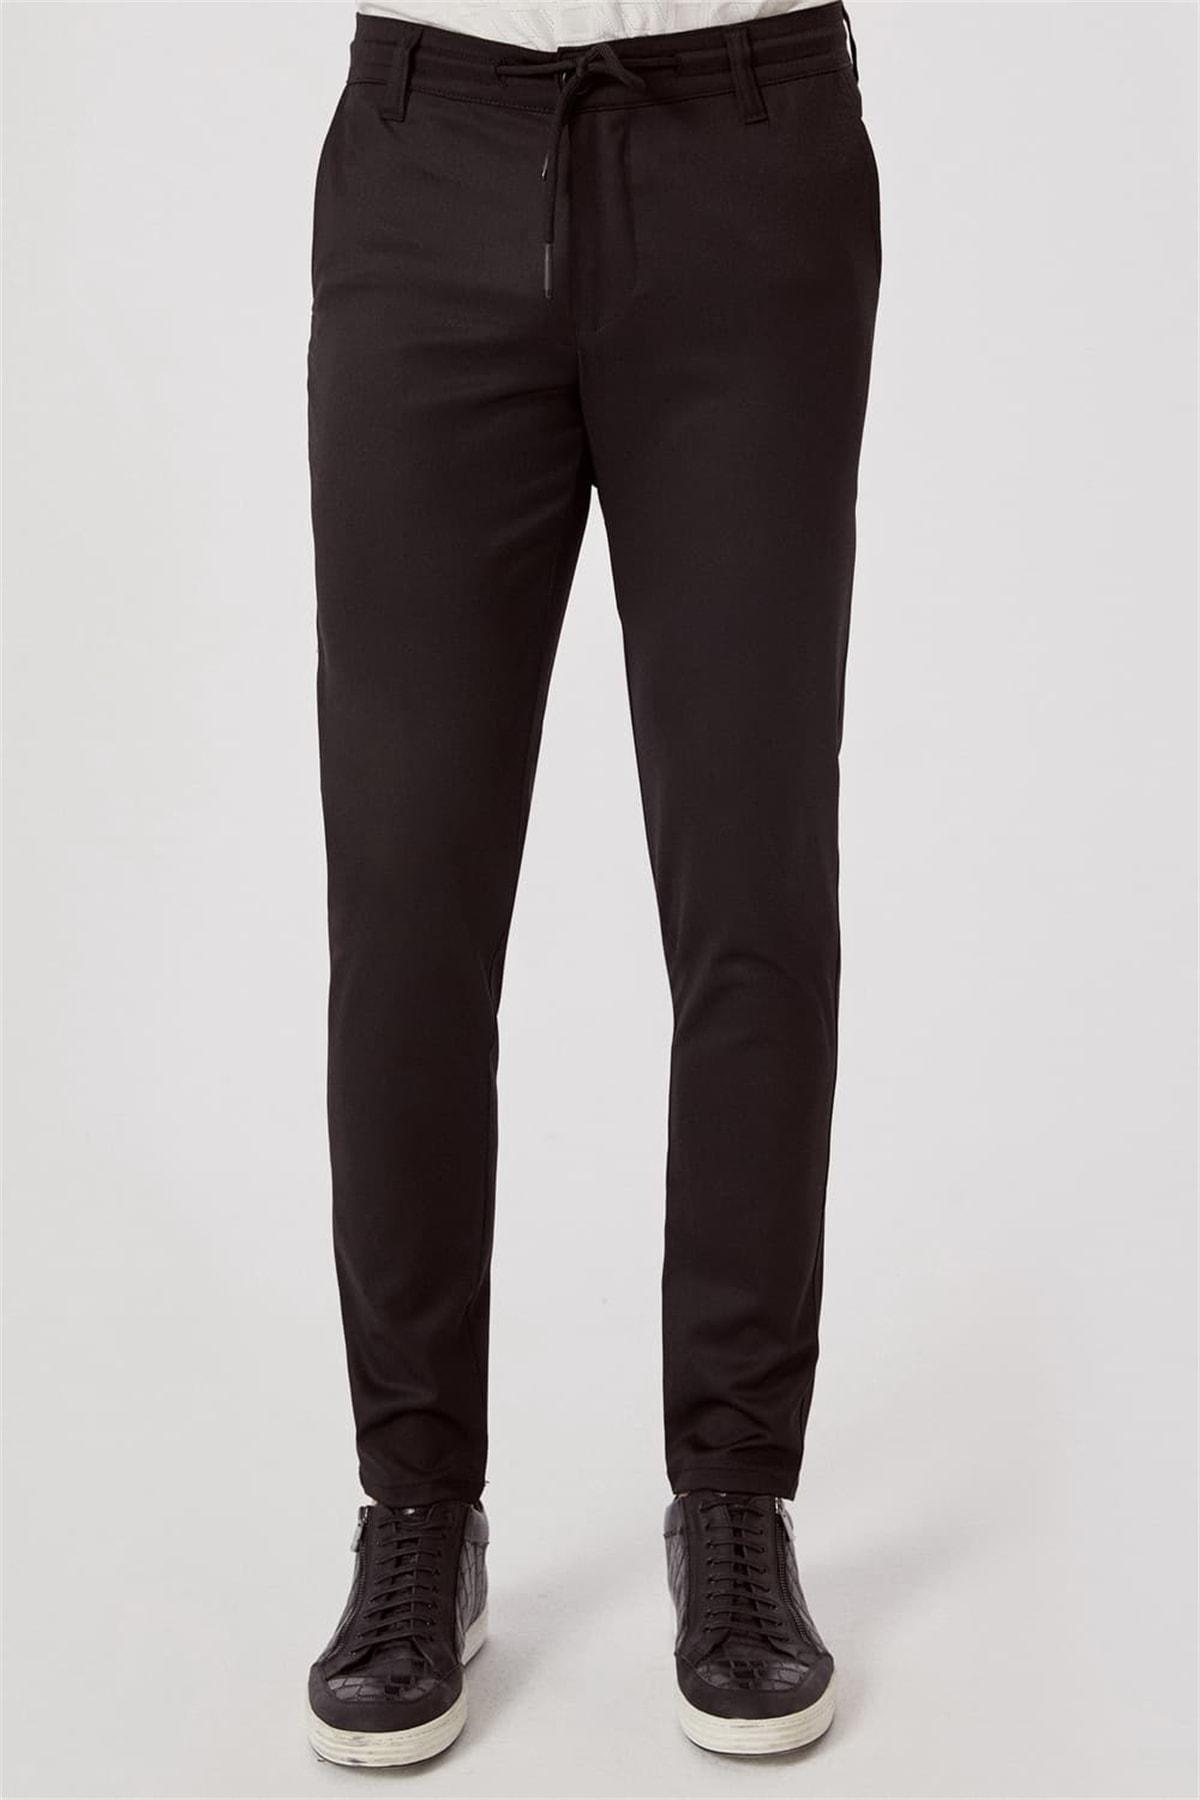 Efor ATP 015 Rahat Kesim Siyah Spor Pantolon 1